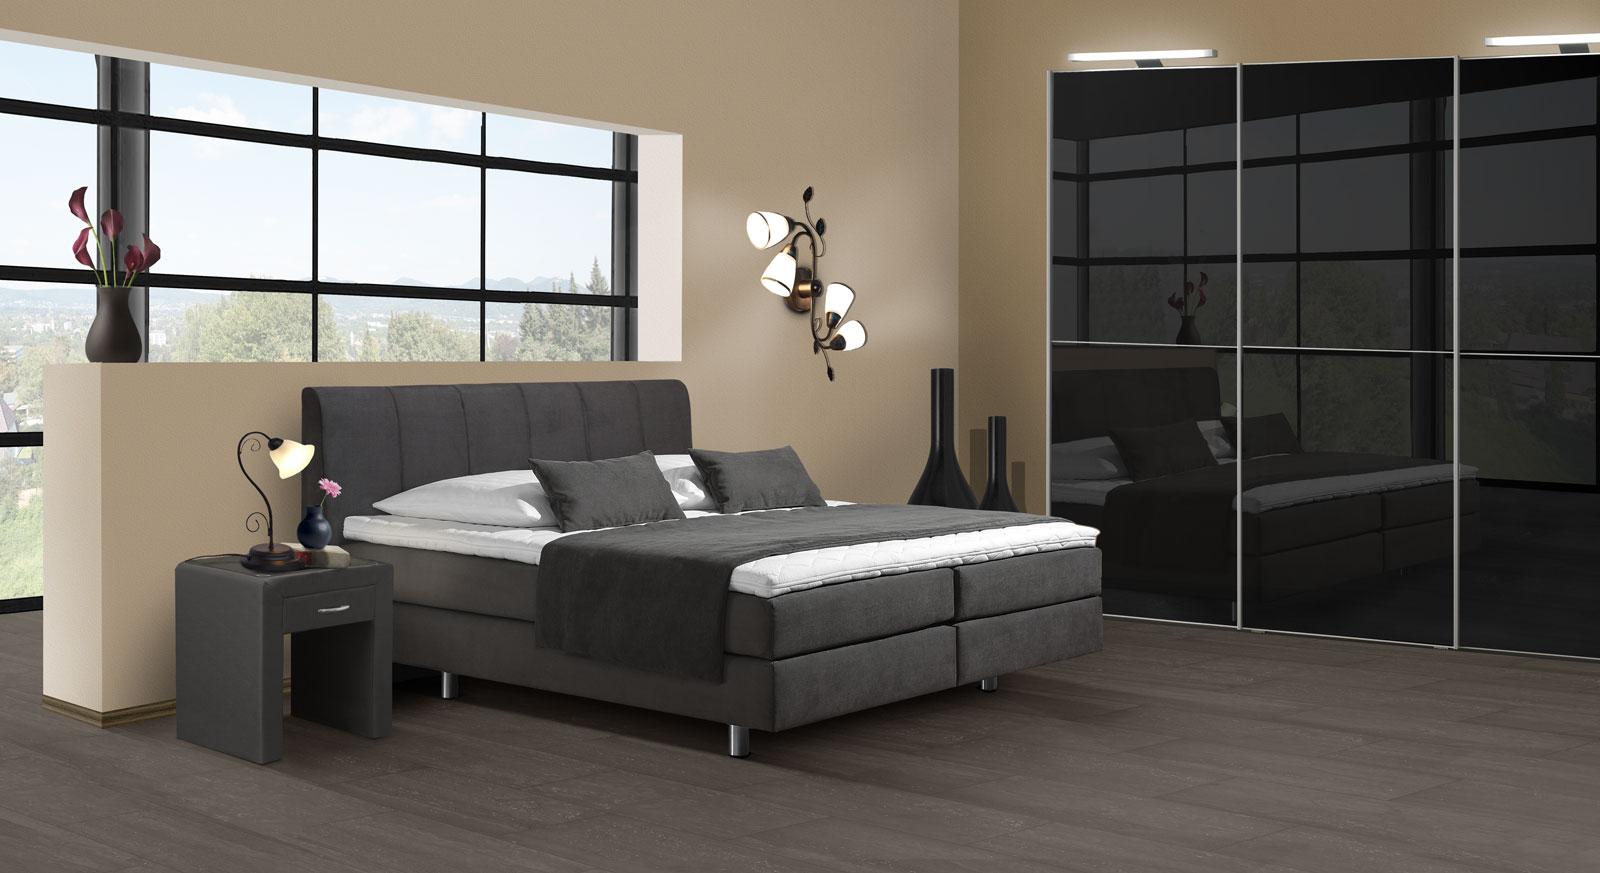 marvelous schlafzimmer boxspringbett komplett #1: Modernes Komplett-Schlafzimmer Clermont in Anthrazit